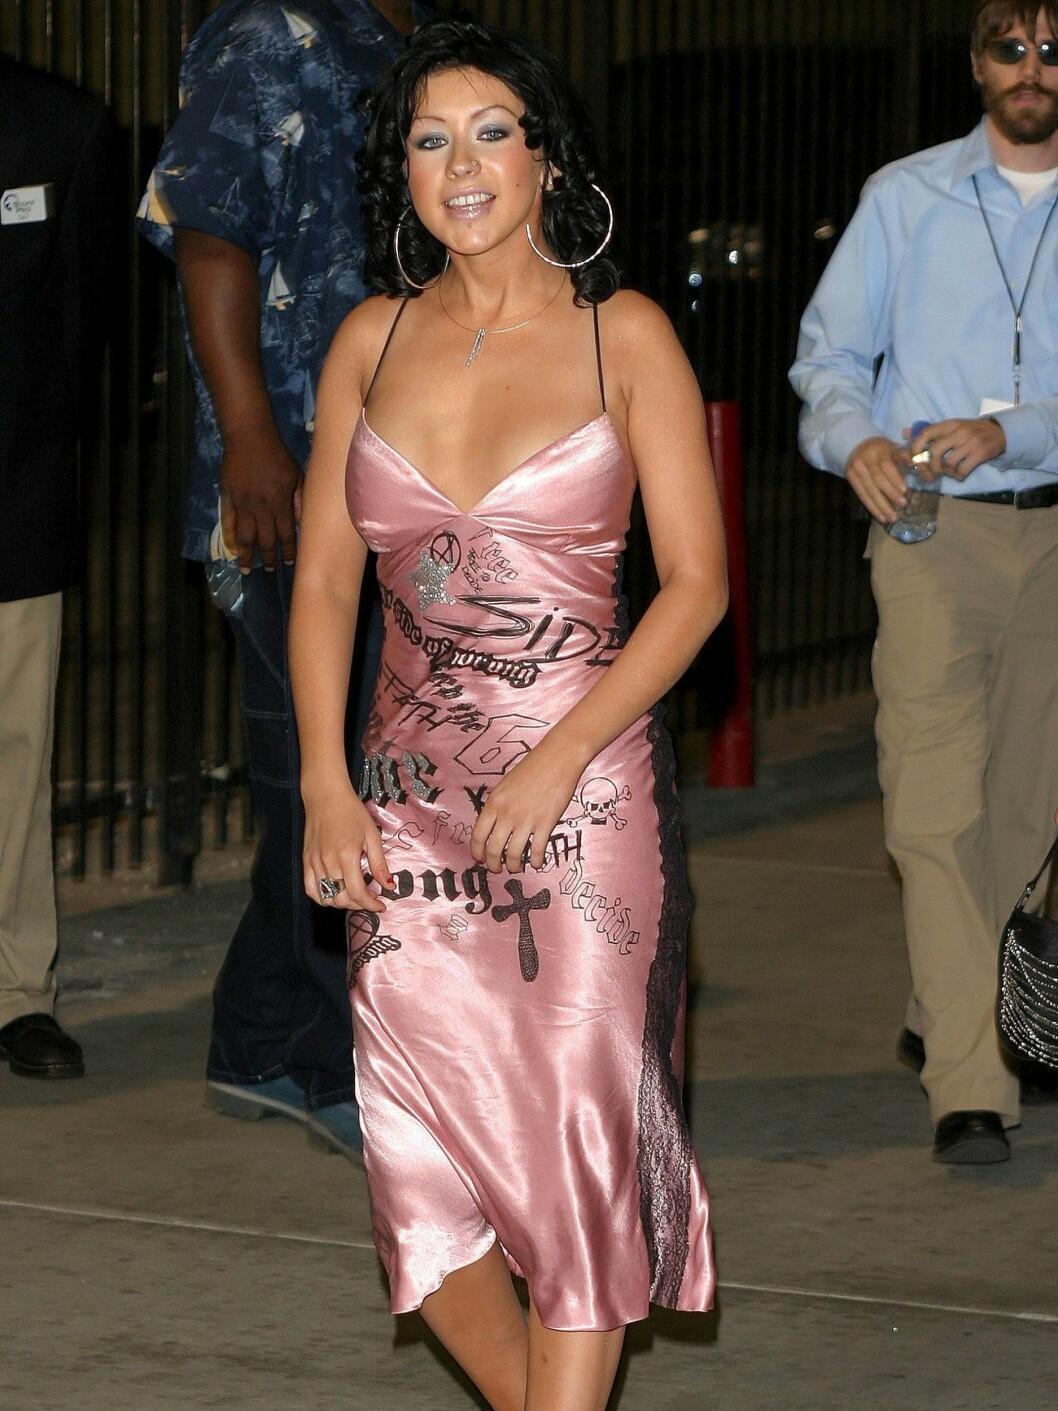 Sexy og utfordrende er stikkord for Christinas stil. Her i rocka silkekjole og sorte krøller i 2003. Foto: All Over Press